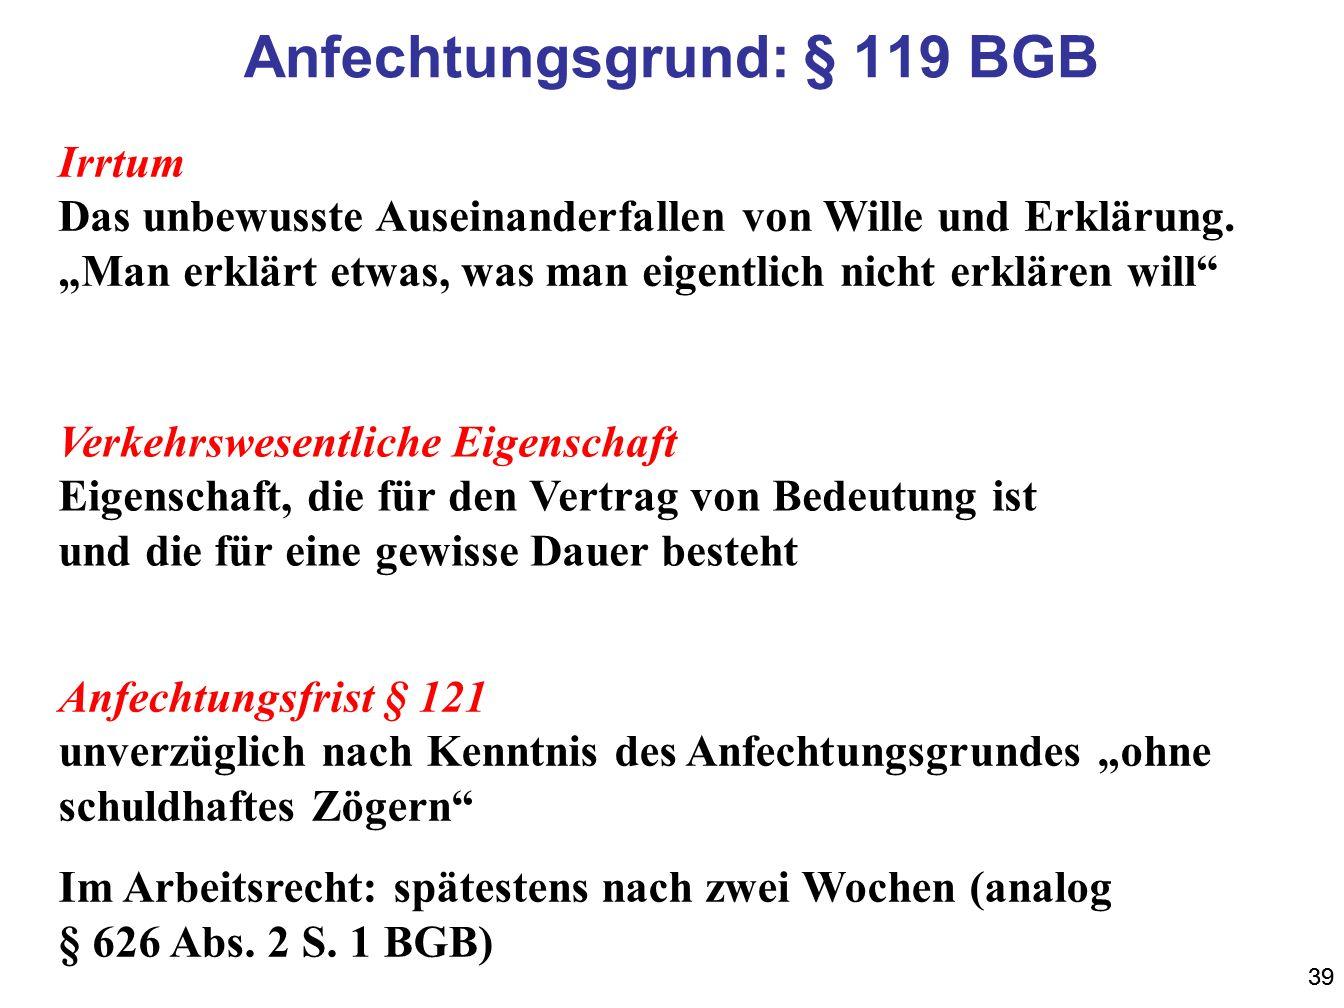 39 Anfechtungsgrund: § 119 BGB Irrtum Das unbewusste Auseinanderfallen von Wille und Erklärung. Man erklärt etwas, was man eigentlich nicht erklären w